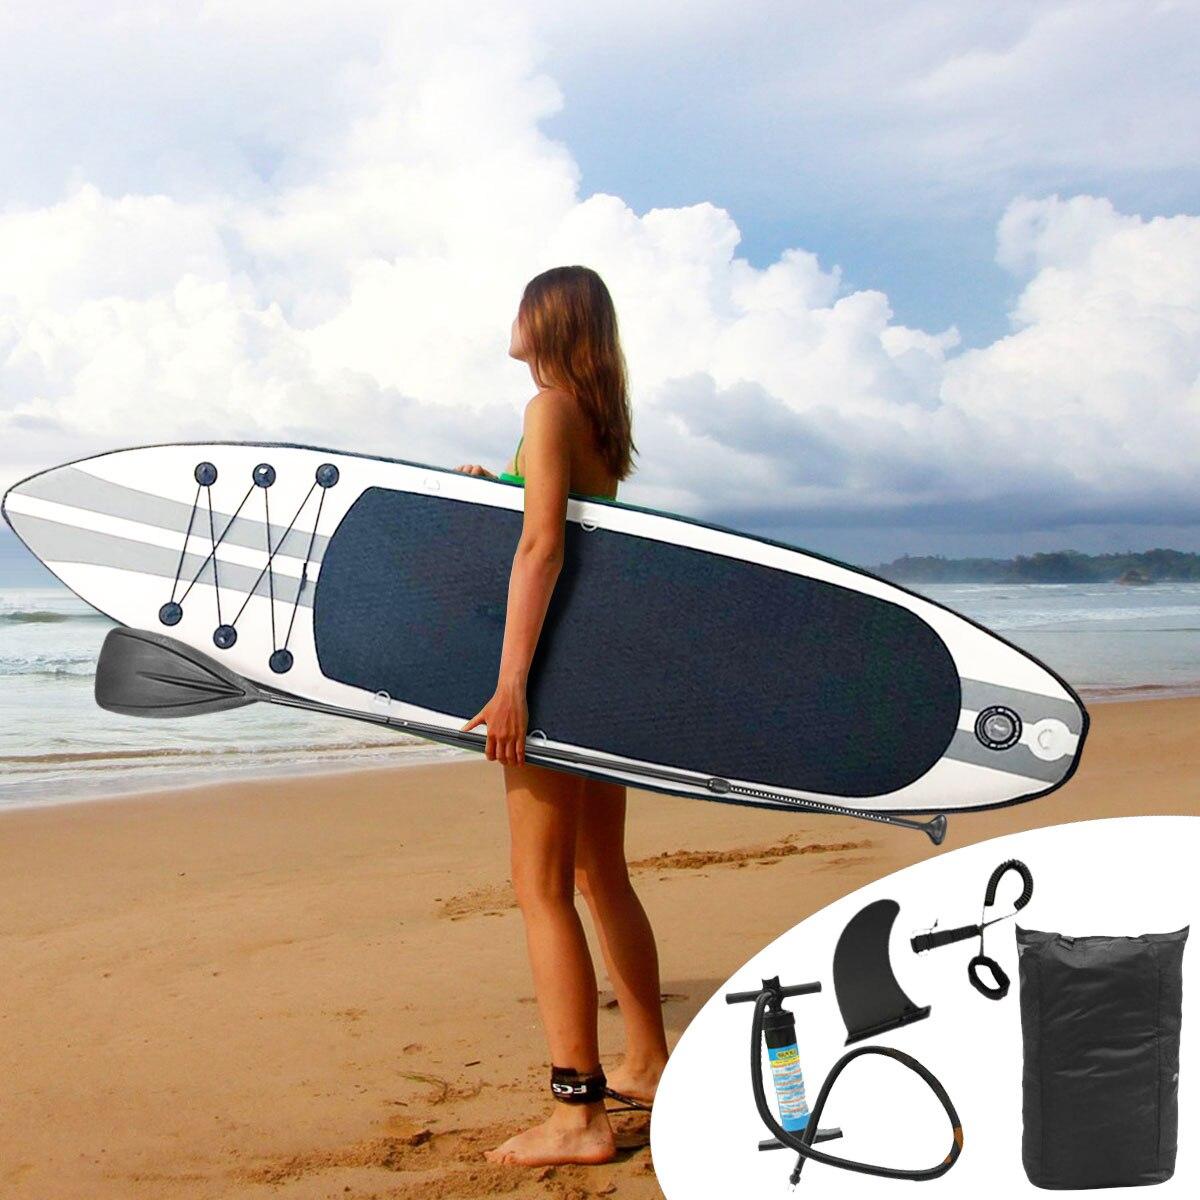 320x78x15 cm gonflable Stand Up planche de surf planche de surf Sport nautique Sup planche avec pompe à pagaie pied sécurité corde trousse à outils